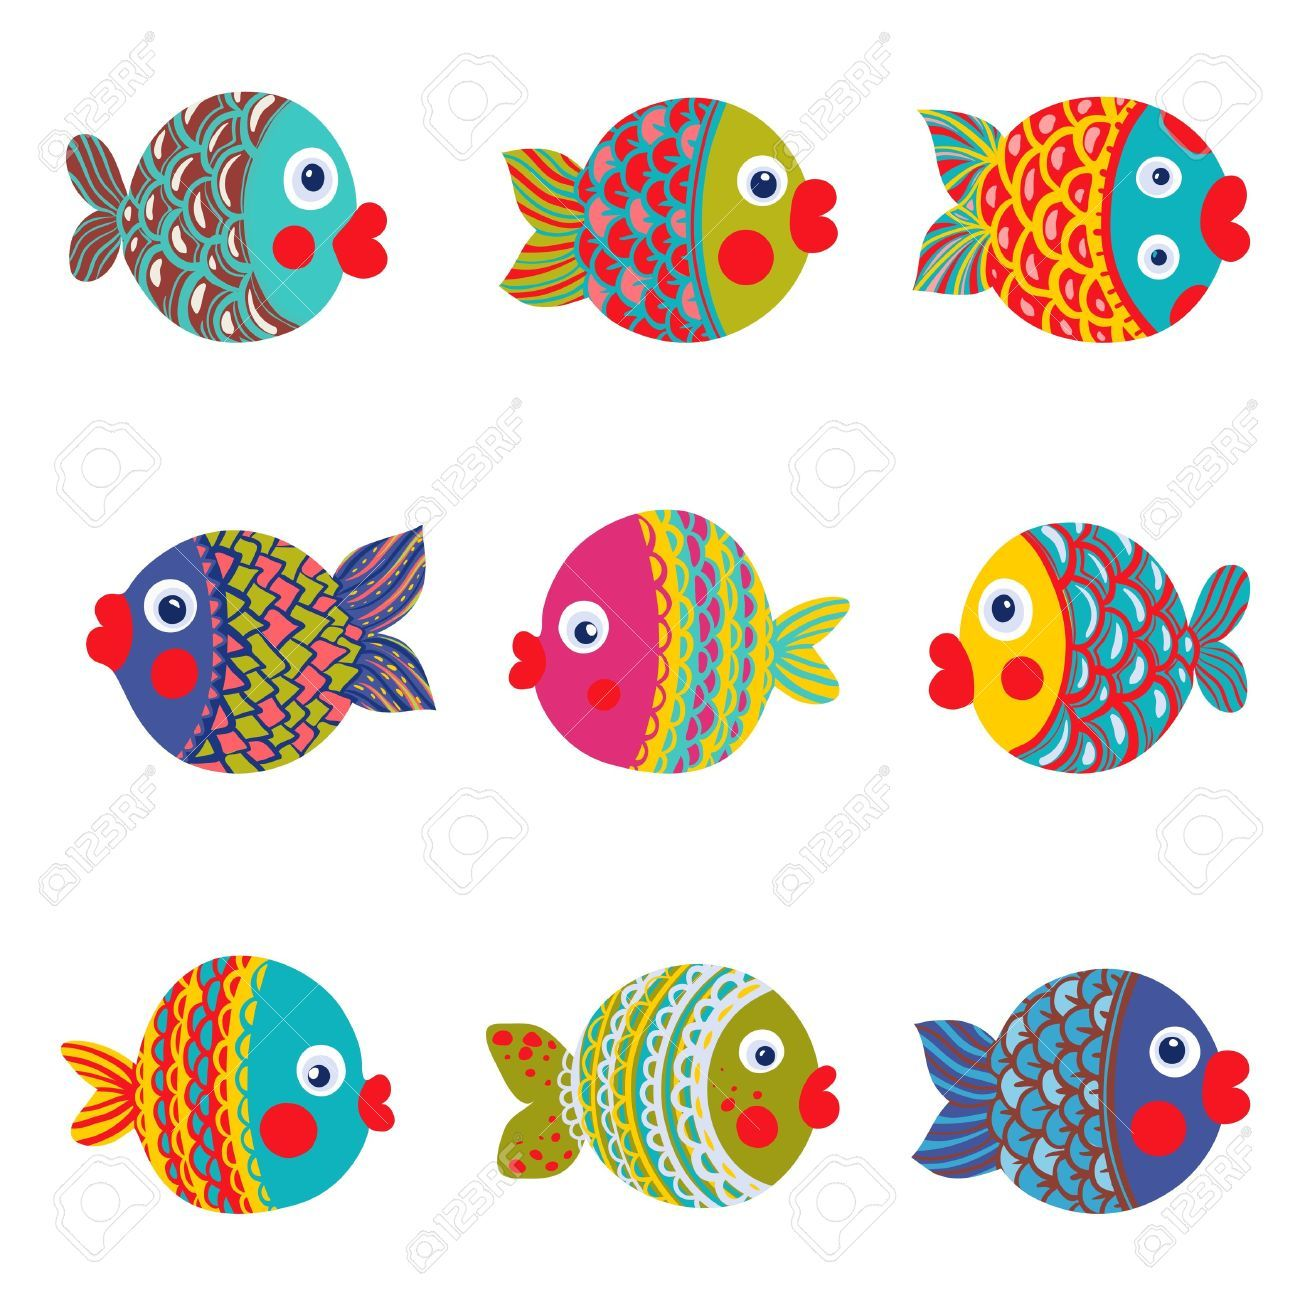 Pesci tropicali disegni colorati cerca con google for Disegni da colorare pesci tropicali